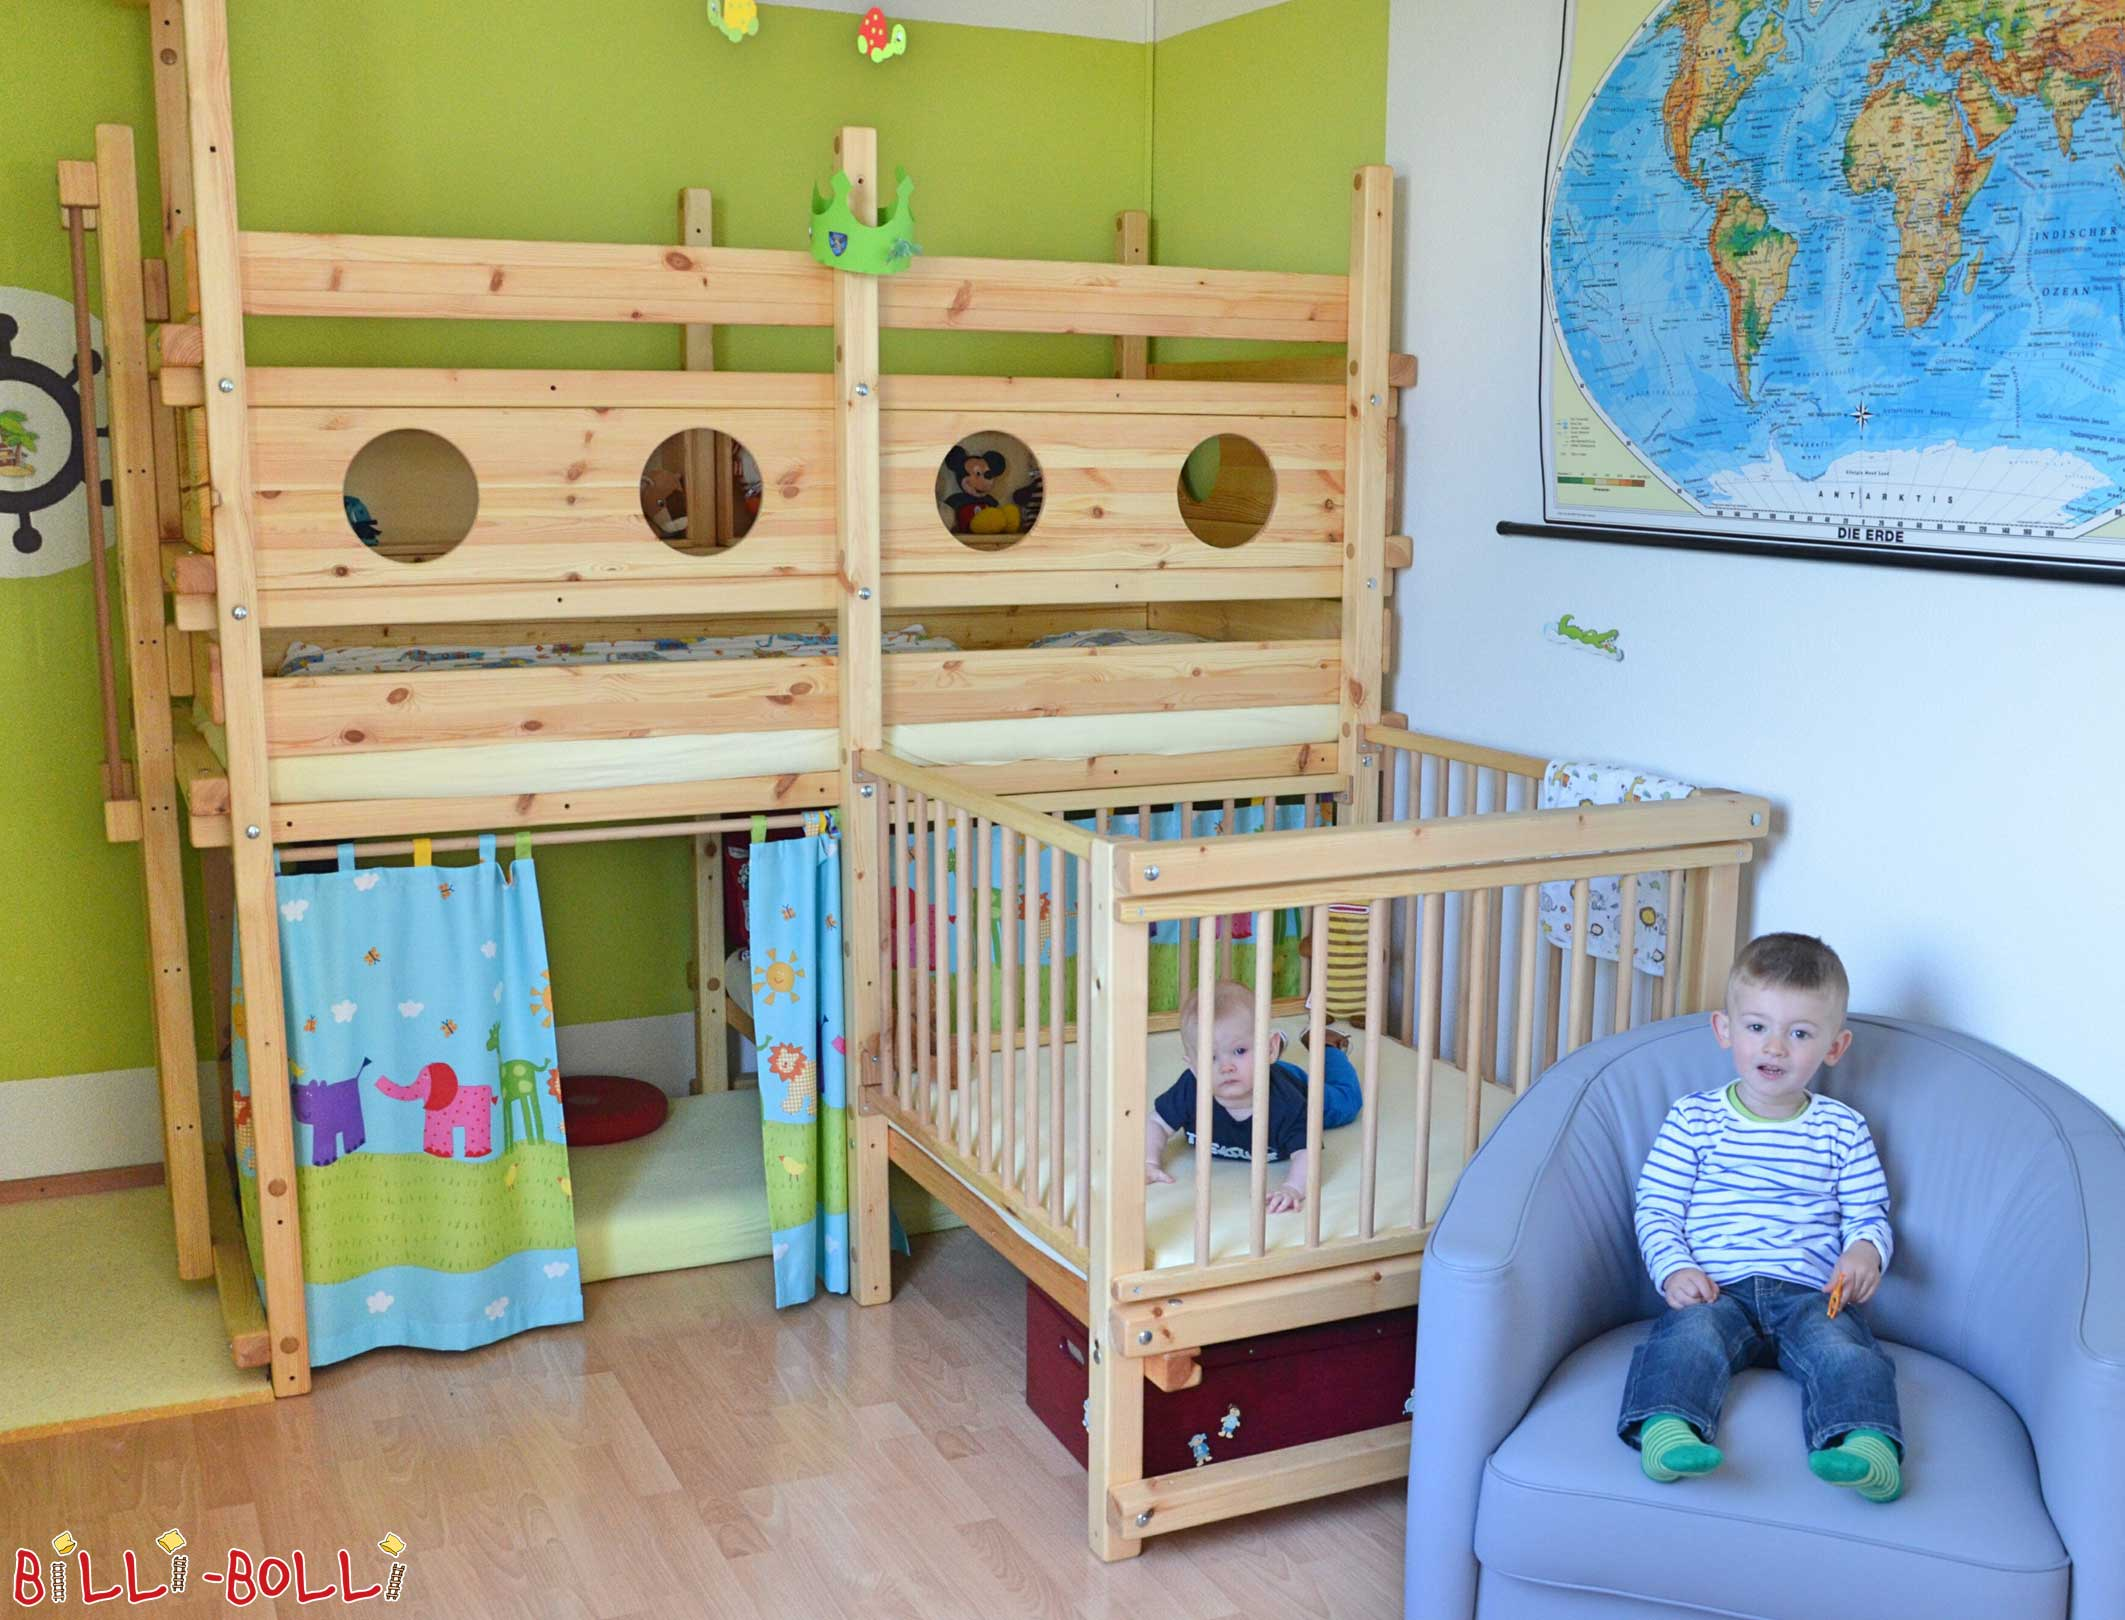 Letto a castello ad angolo | Mobili per bambini da Billi-Bolli